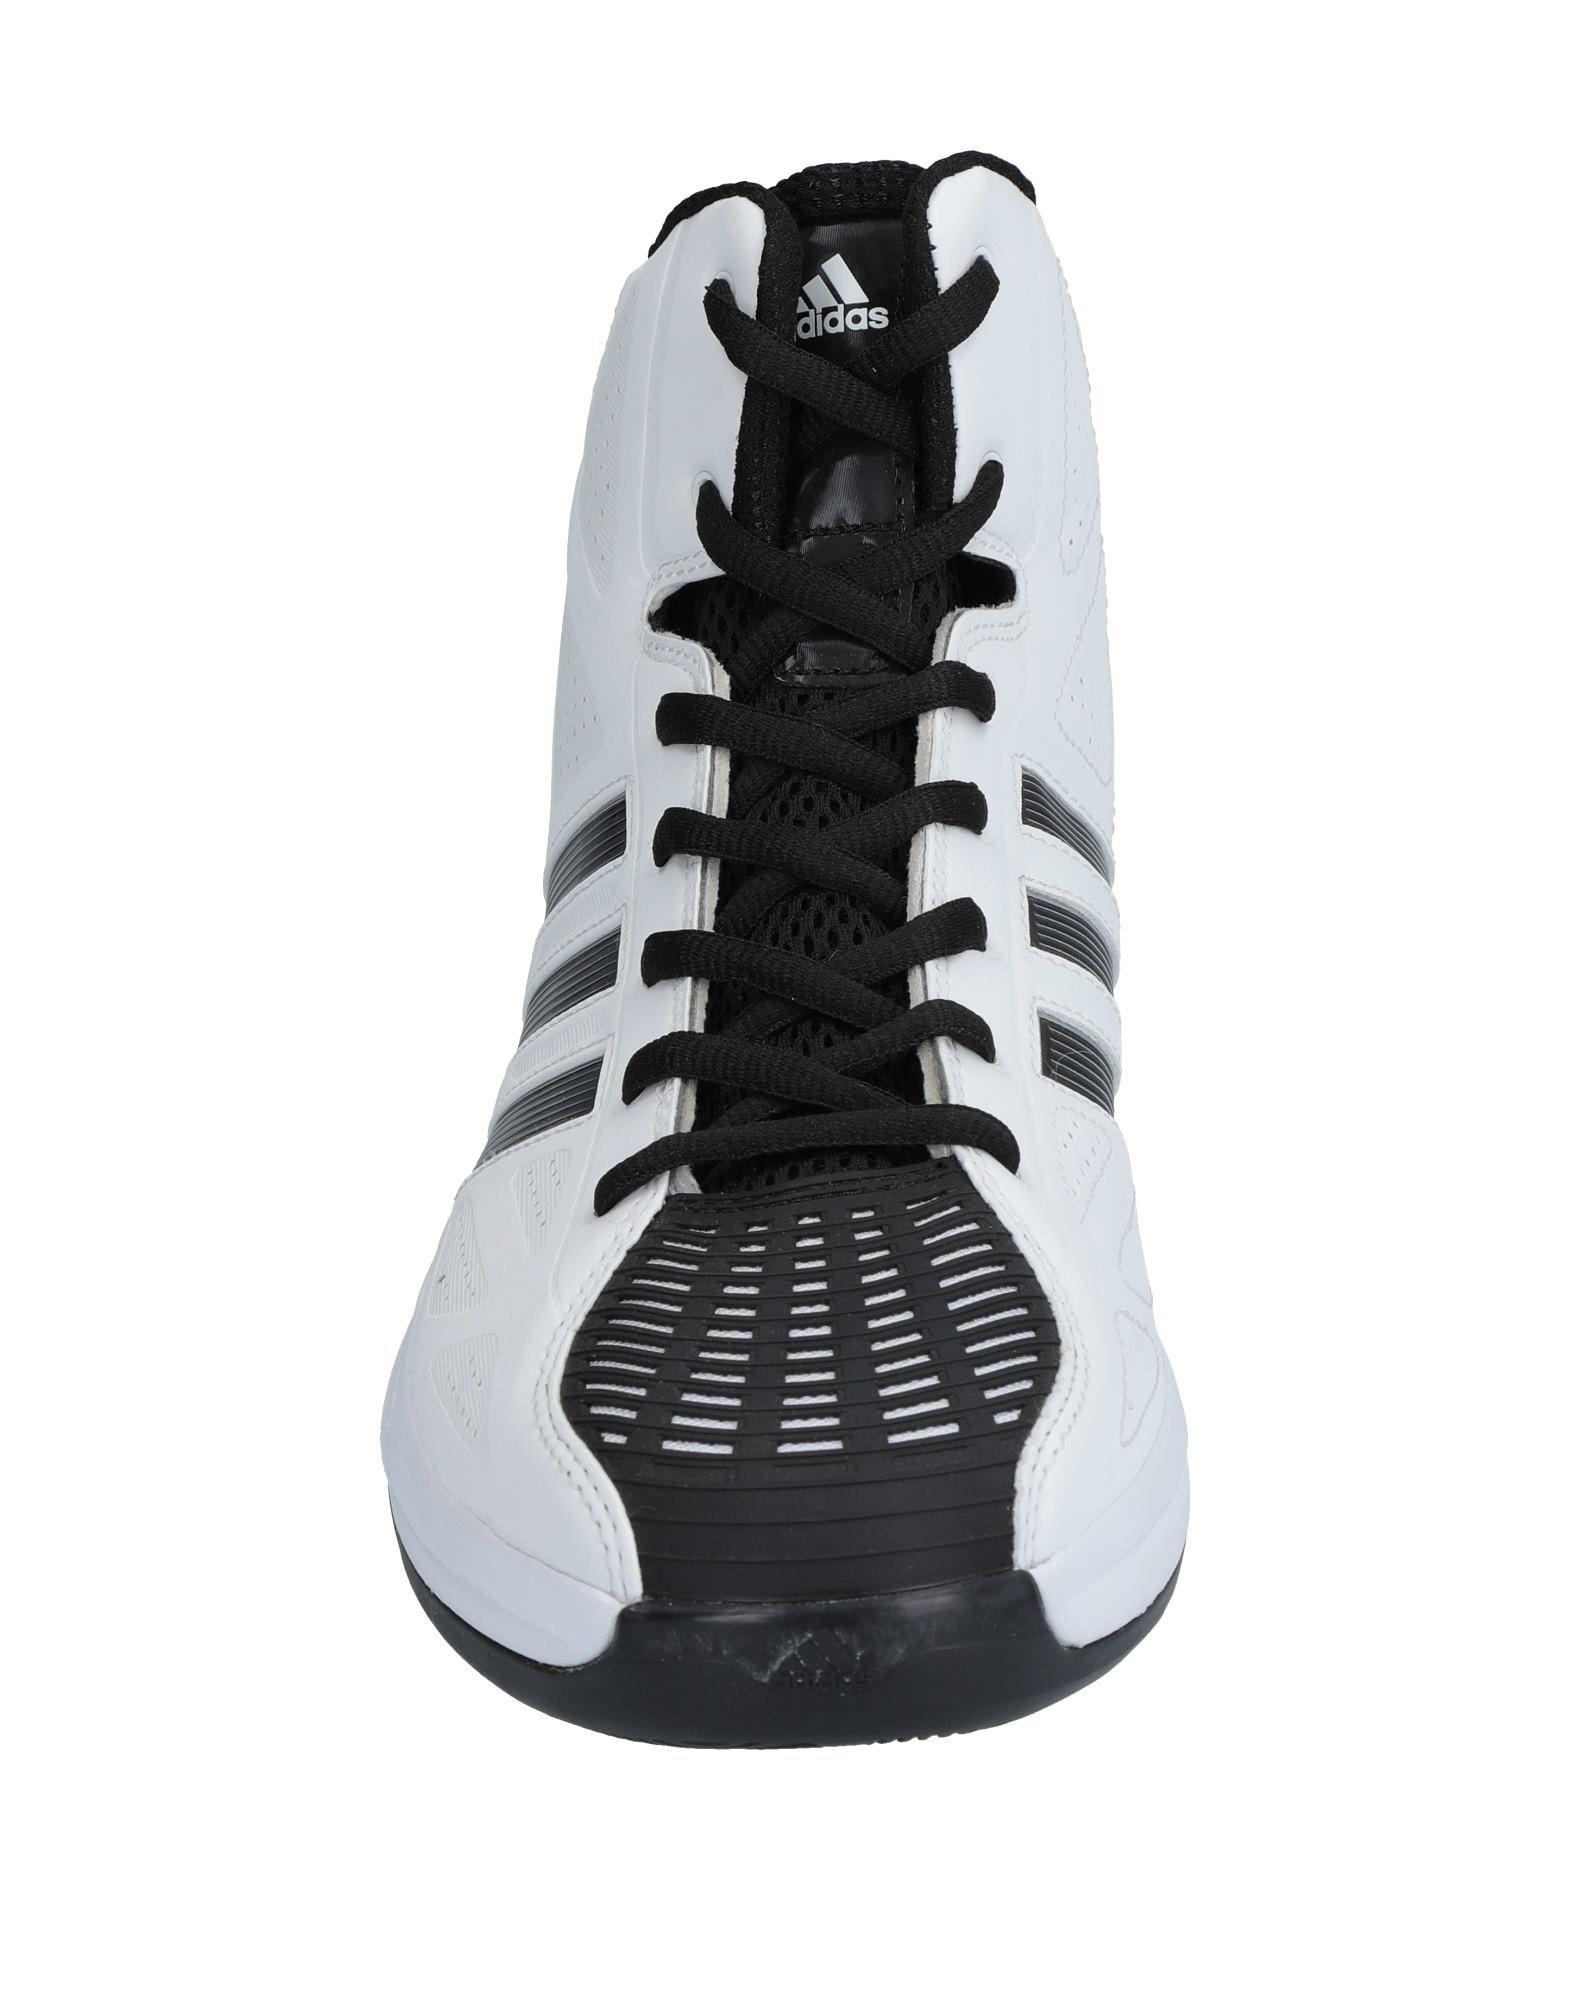 Rabatt echte Adidas Schuhe Adidas echte Sneakers Herren  11541767SO 516440